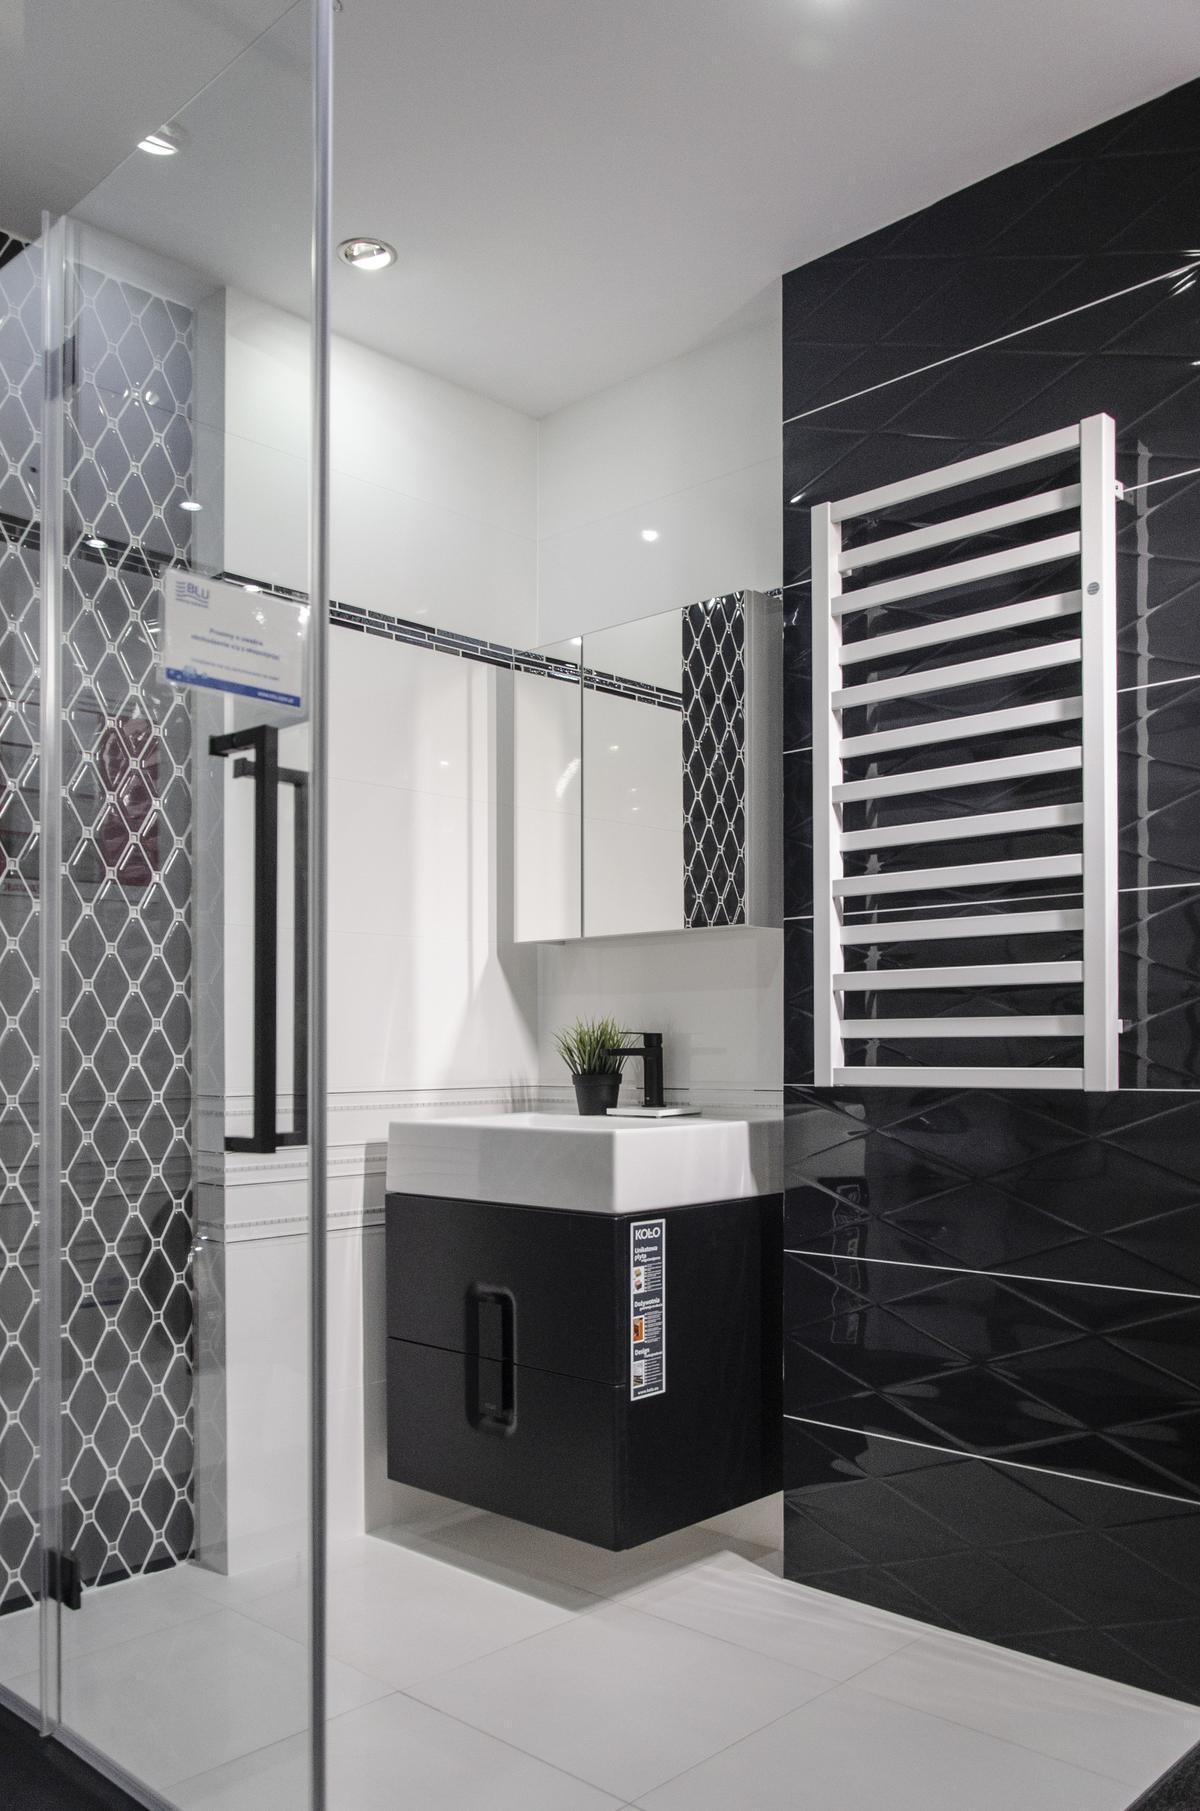 Aranżacja biało-czarnej łazienki z połączeniem wielu faktur płytek - zdjęcie od BLU salon łazienek Kołobrzeg